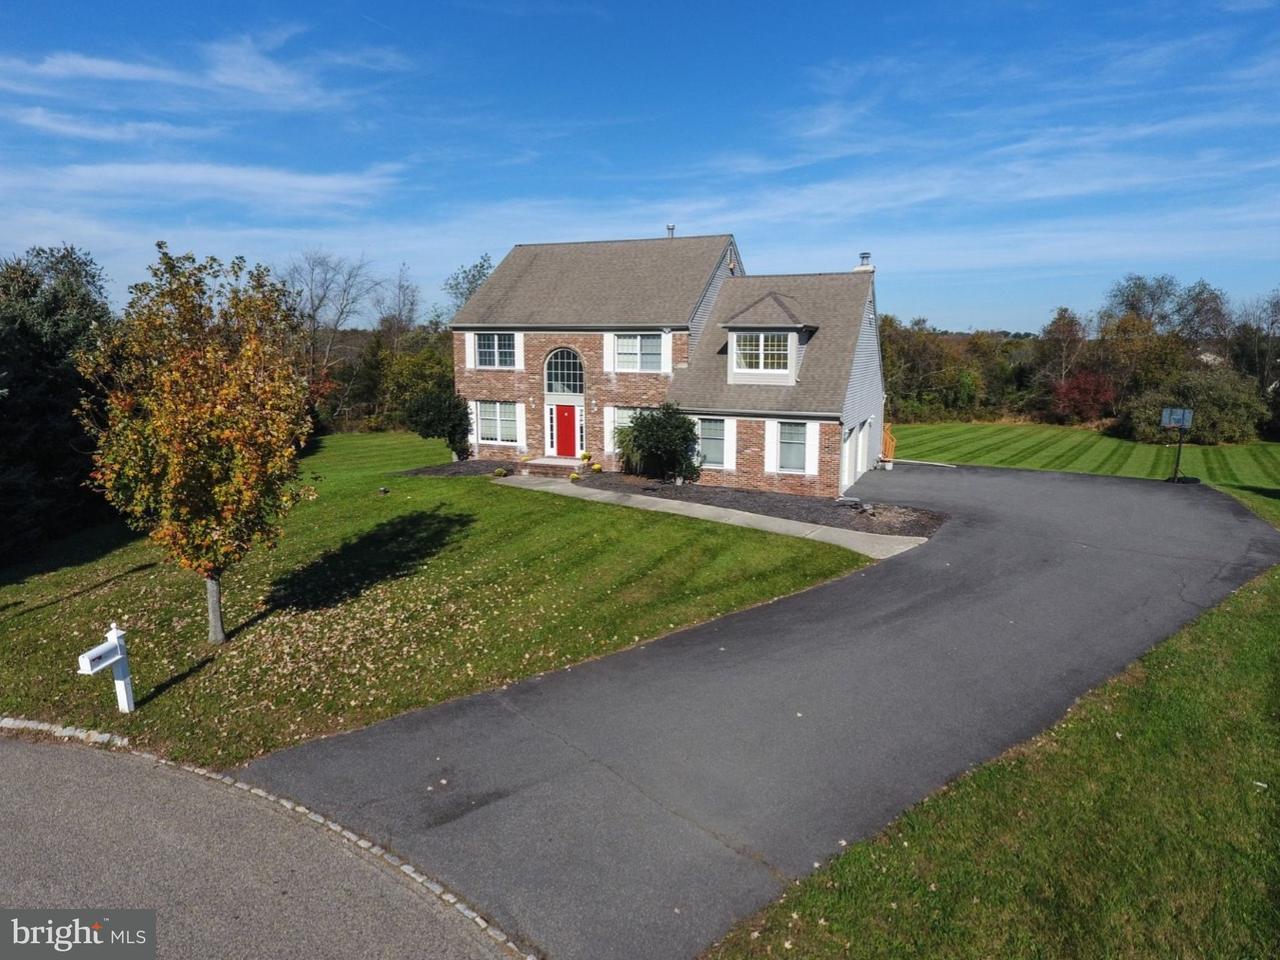 Casa Unifamiliar por un Venta en 4 CALVIN Court Flemington, Nueva Jersey 08822 Estados UnidosEn/Alrededor: Raritan Township